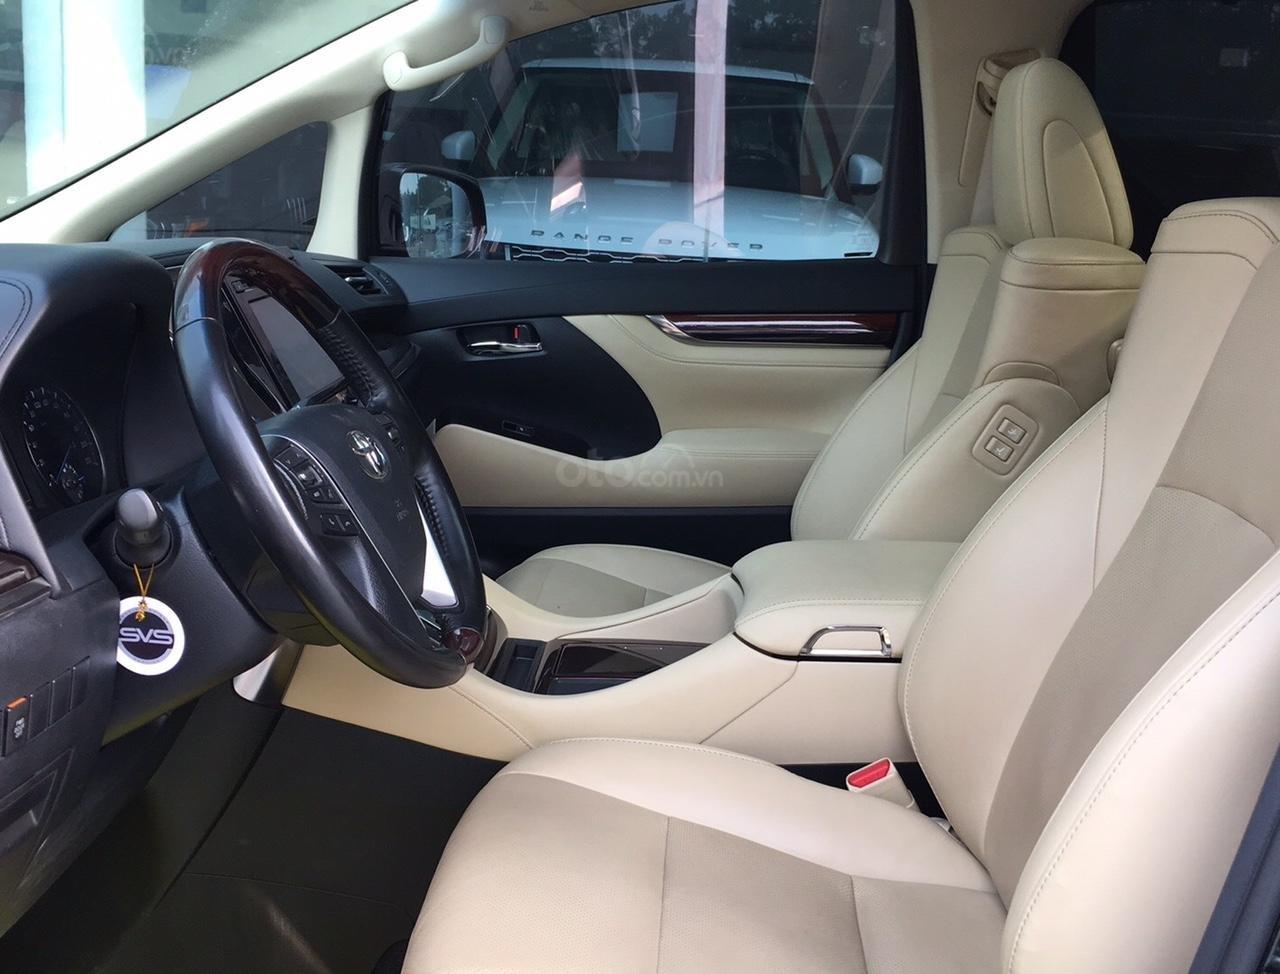 Bán xe Toyota Alphard Excutive Lou 2017, màu đen, nhập khẩu. LH em Hương 0945392468 (8)